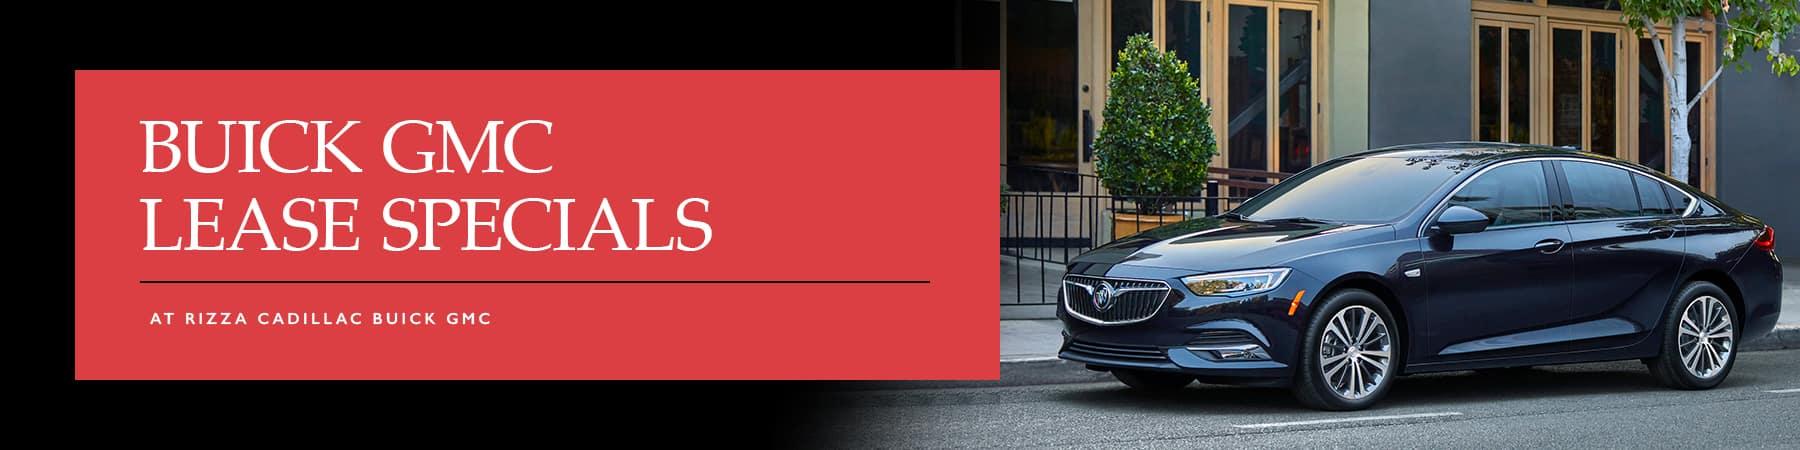 Rizza Buick GMC Lease Specials Chicago, IL